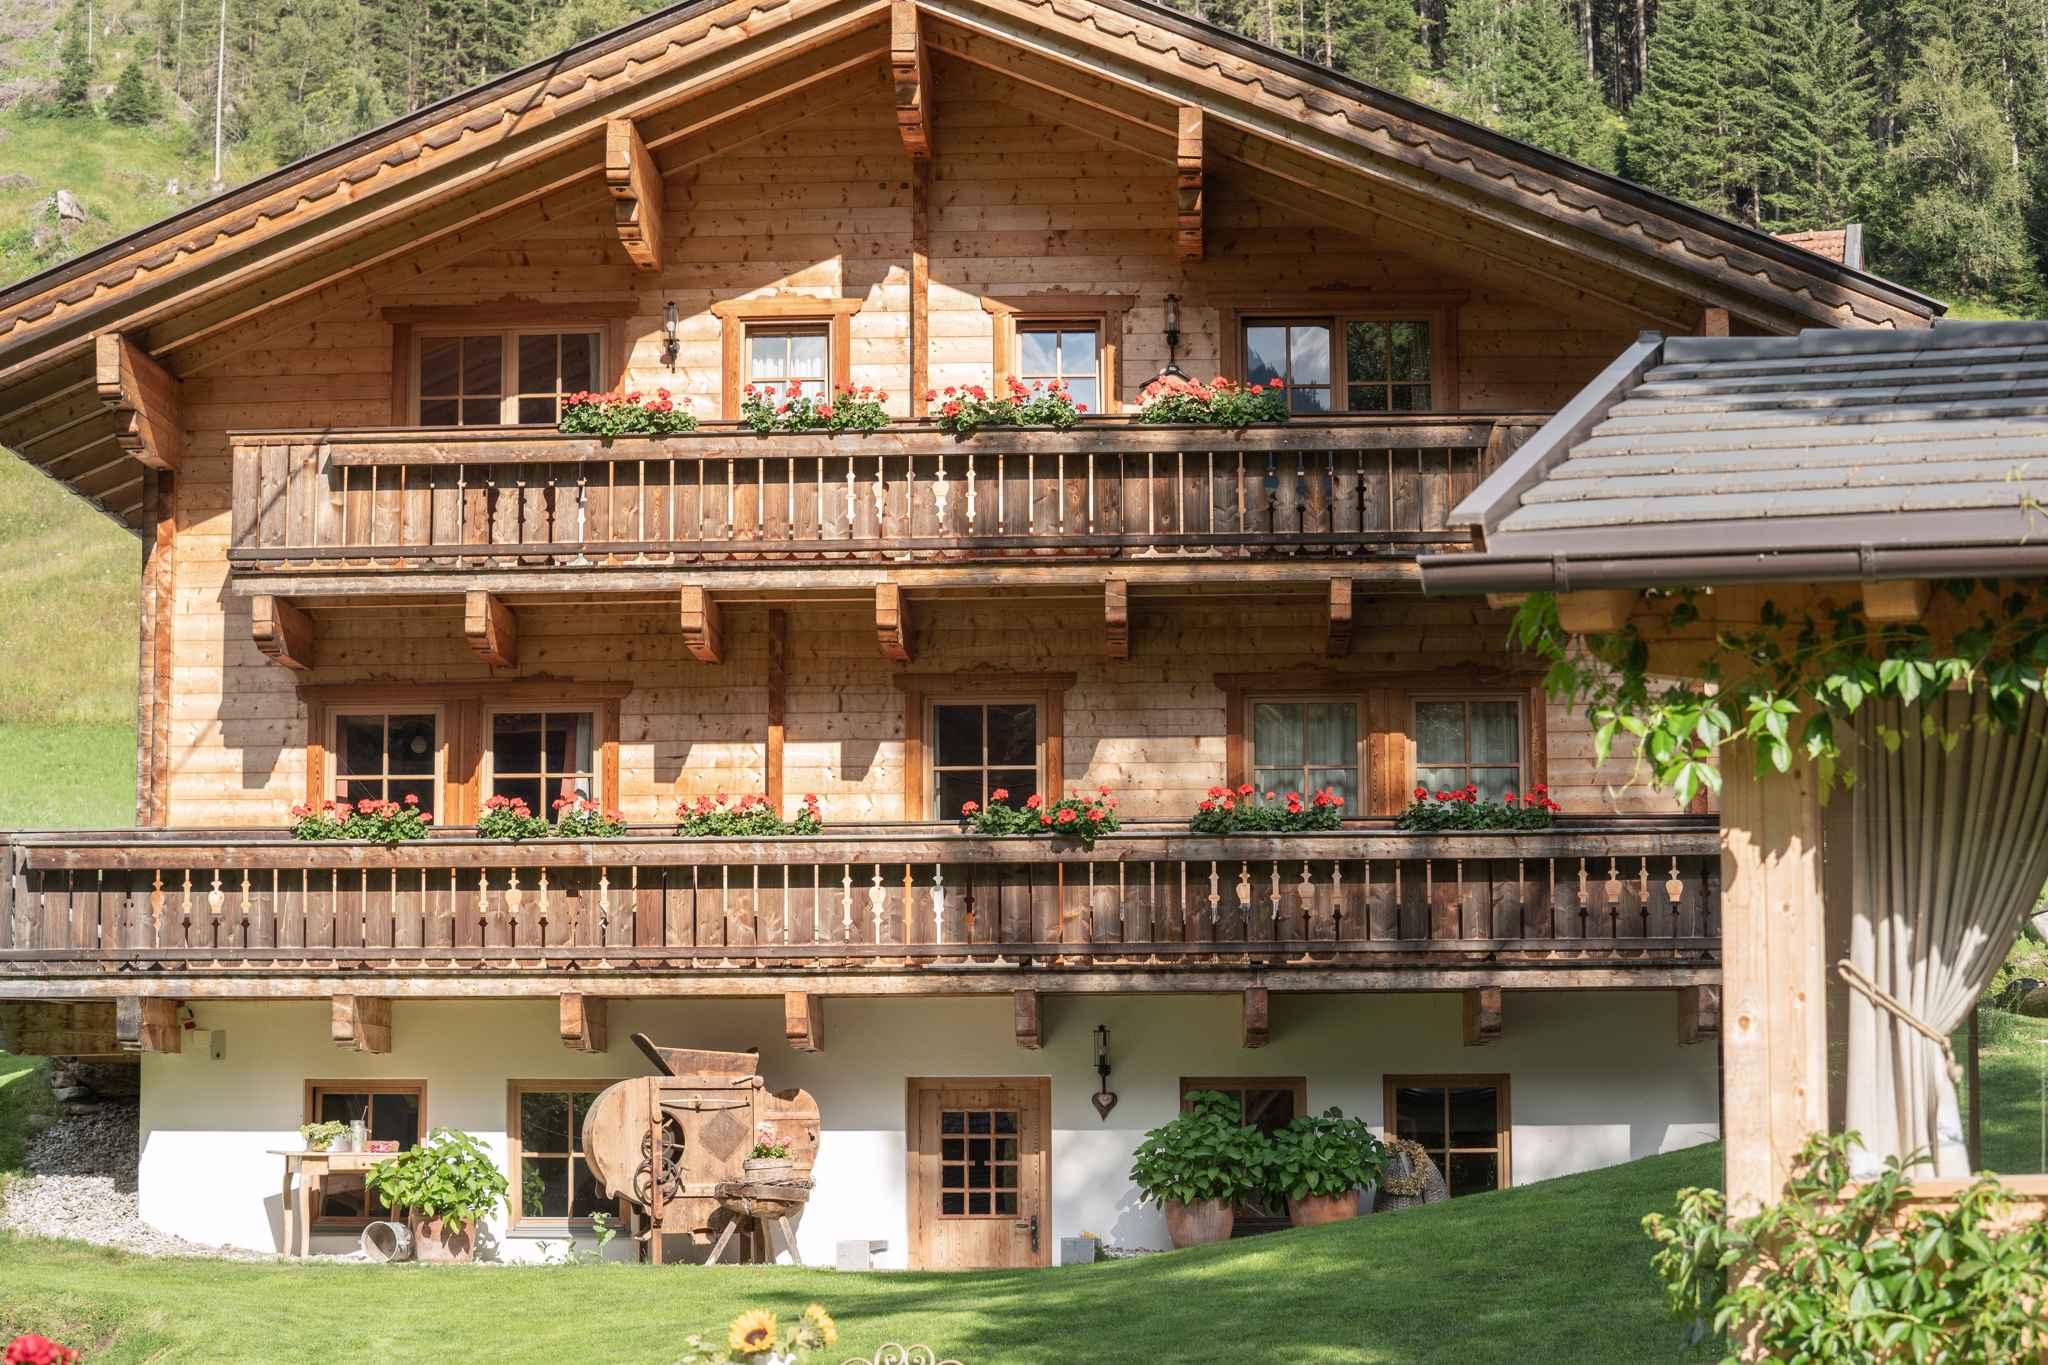 Ferienhaus mit Balkon (957047), Außervillgraten, Osttirol, Tirol, Österreich, Bild 9